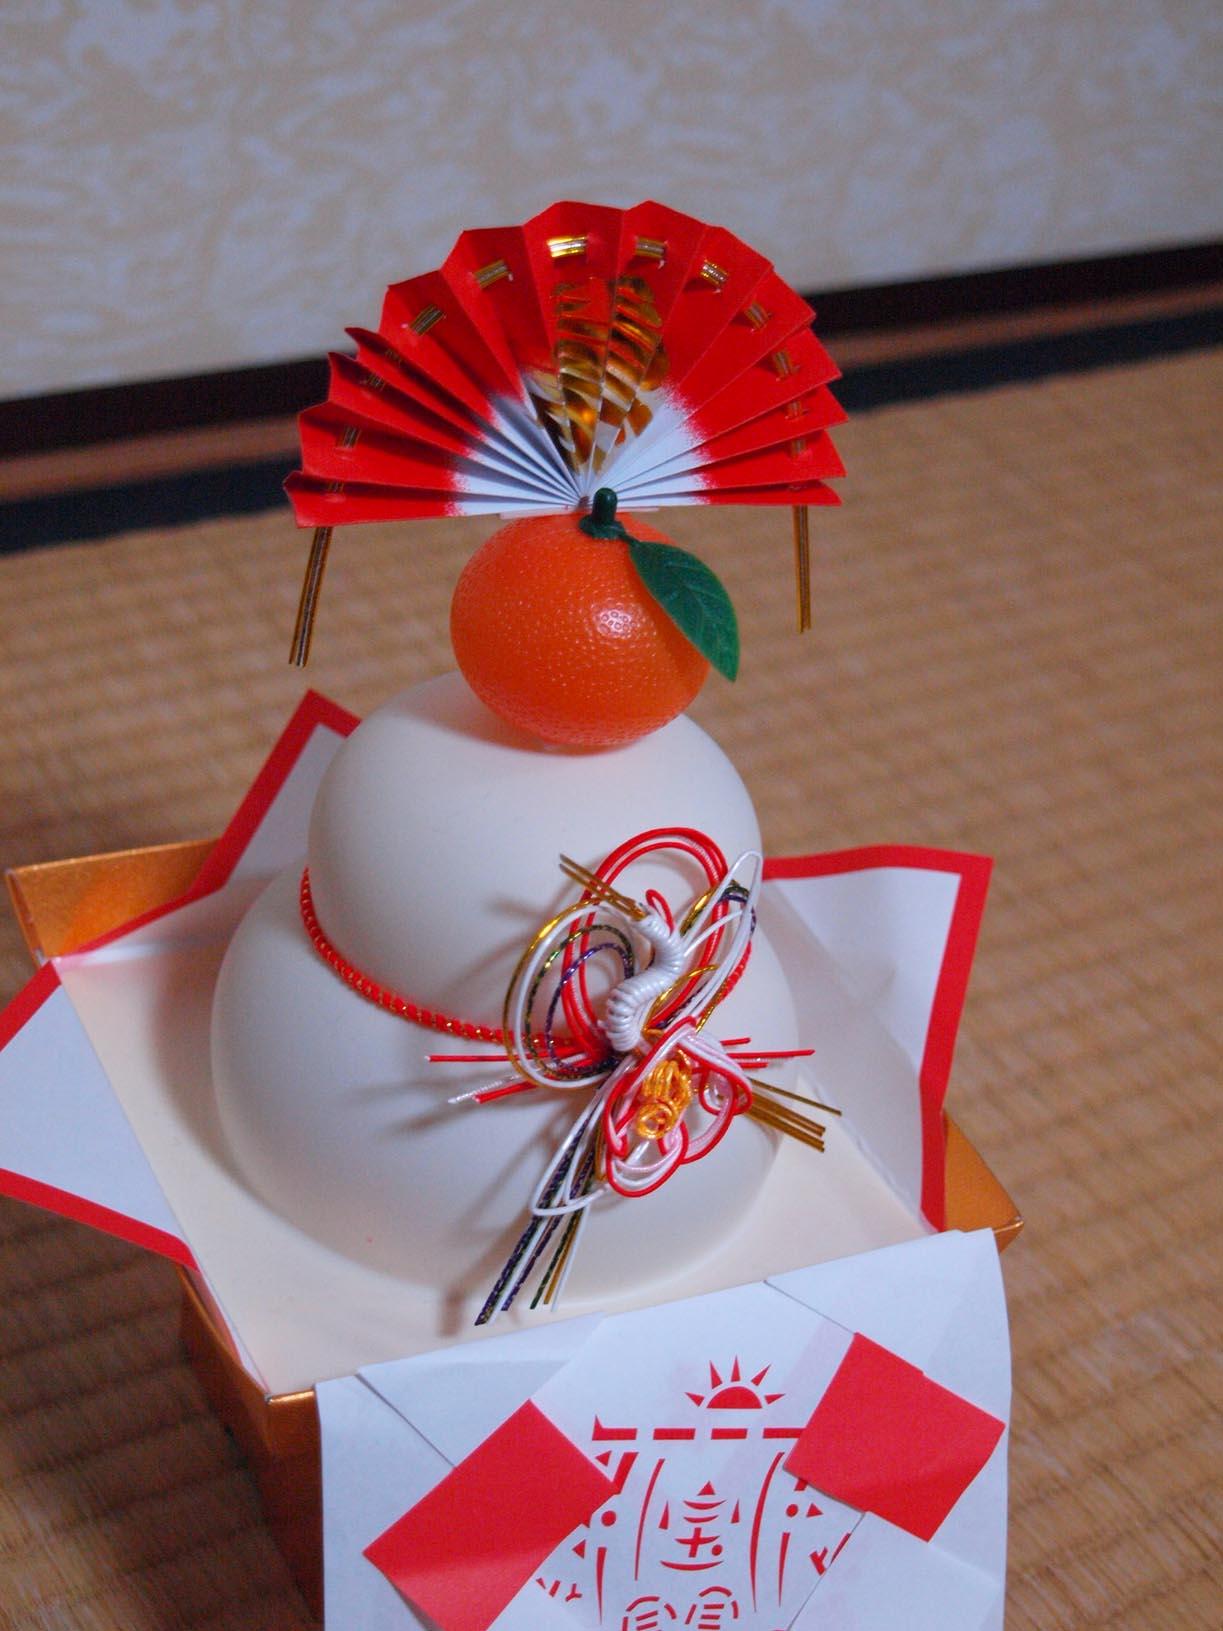 日本到着の夜ご飯はいつもこれ!ーー日本滞在記_c0179785_422683.jpg